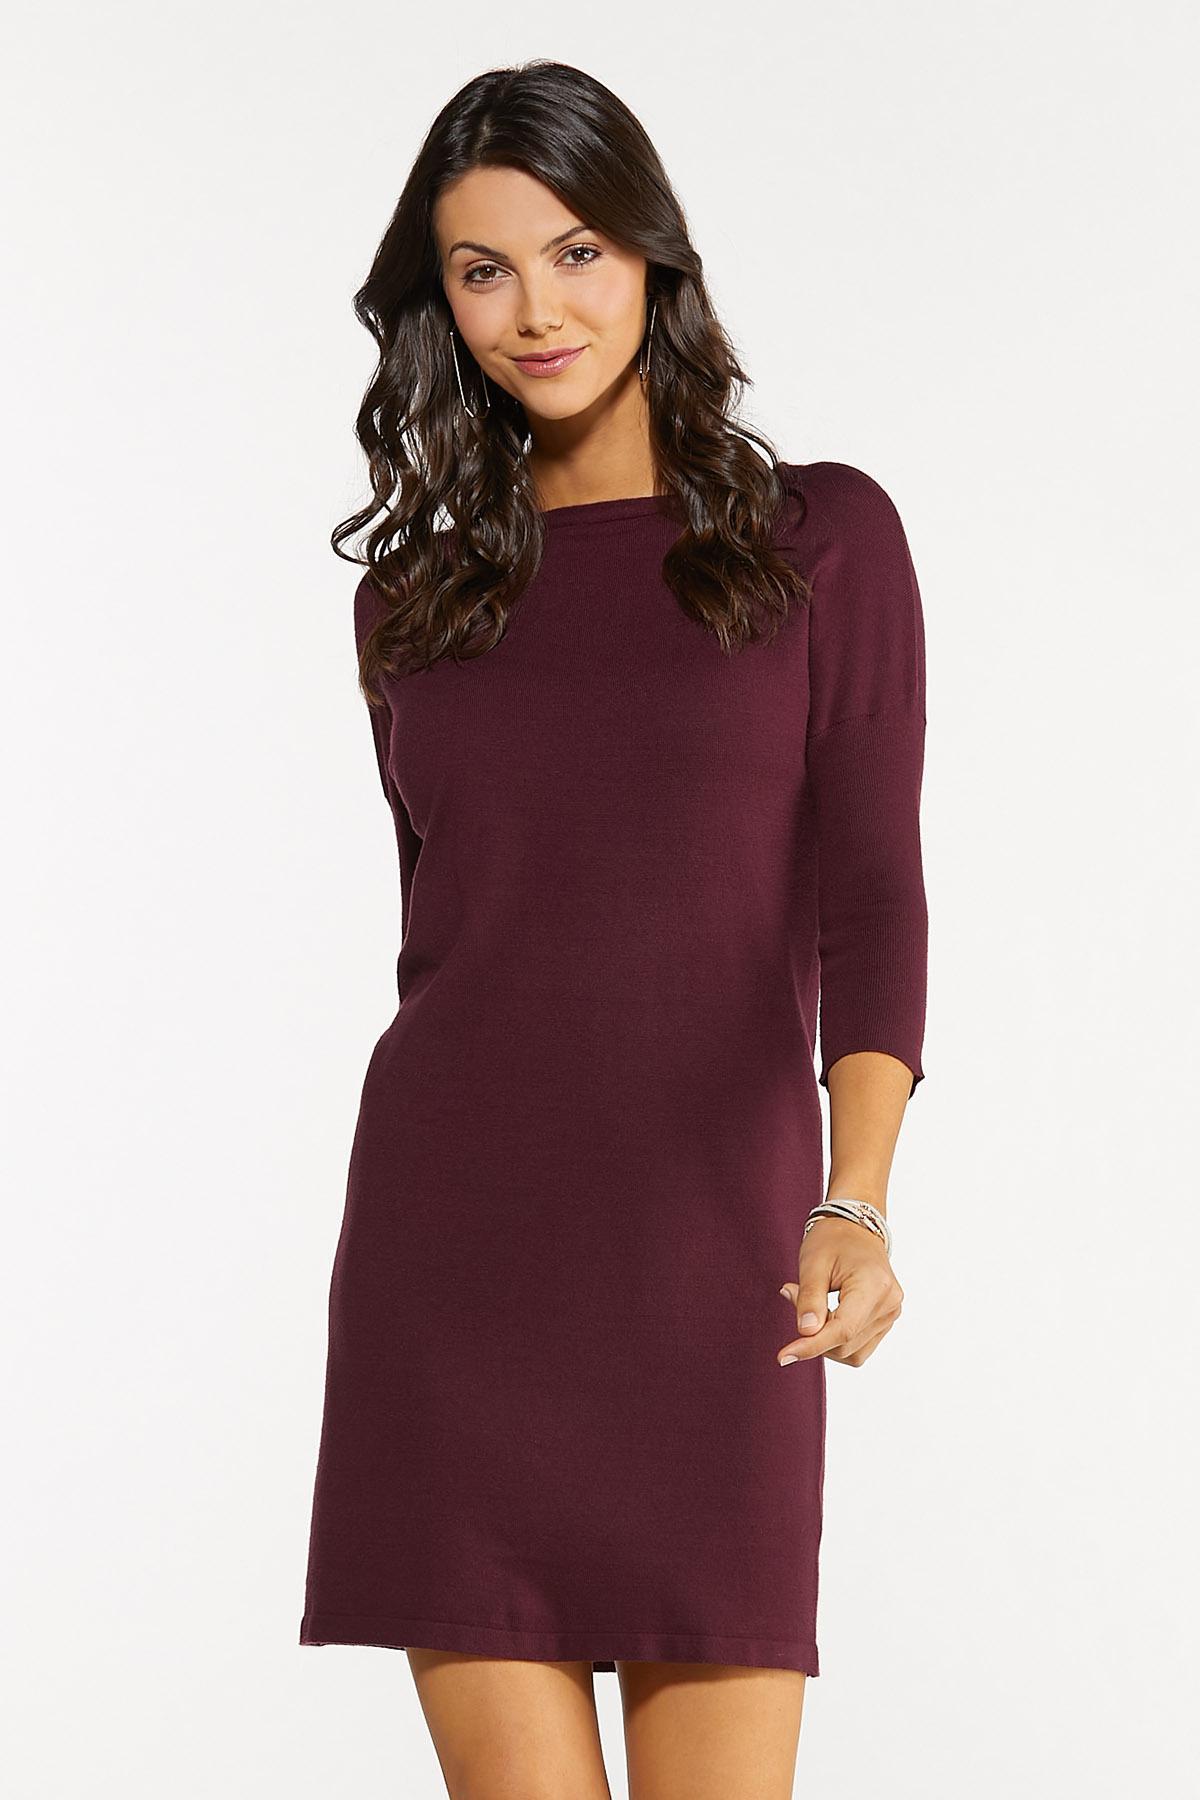 Wine Sweater Dress